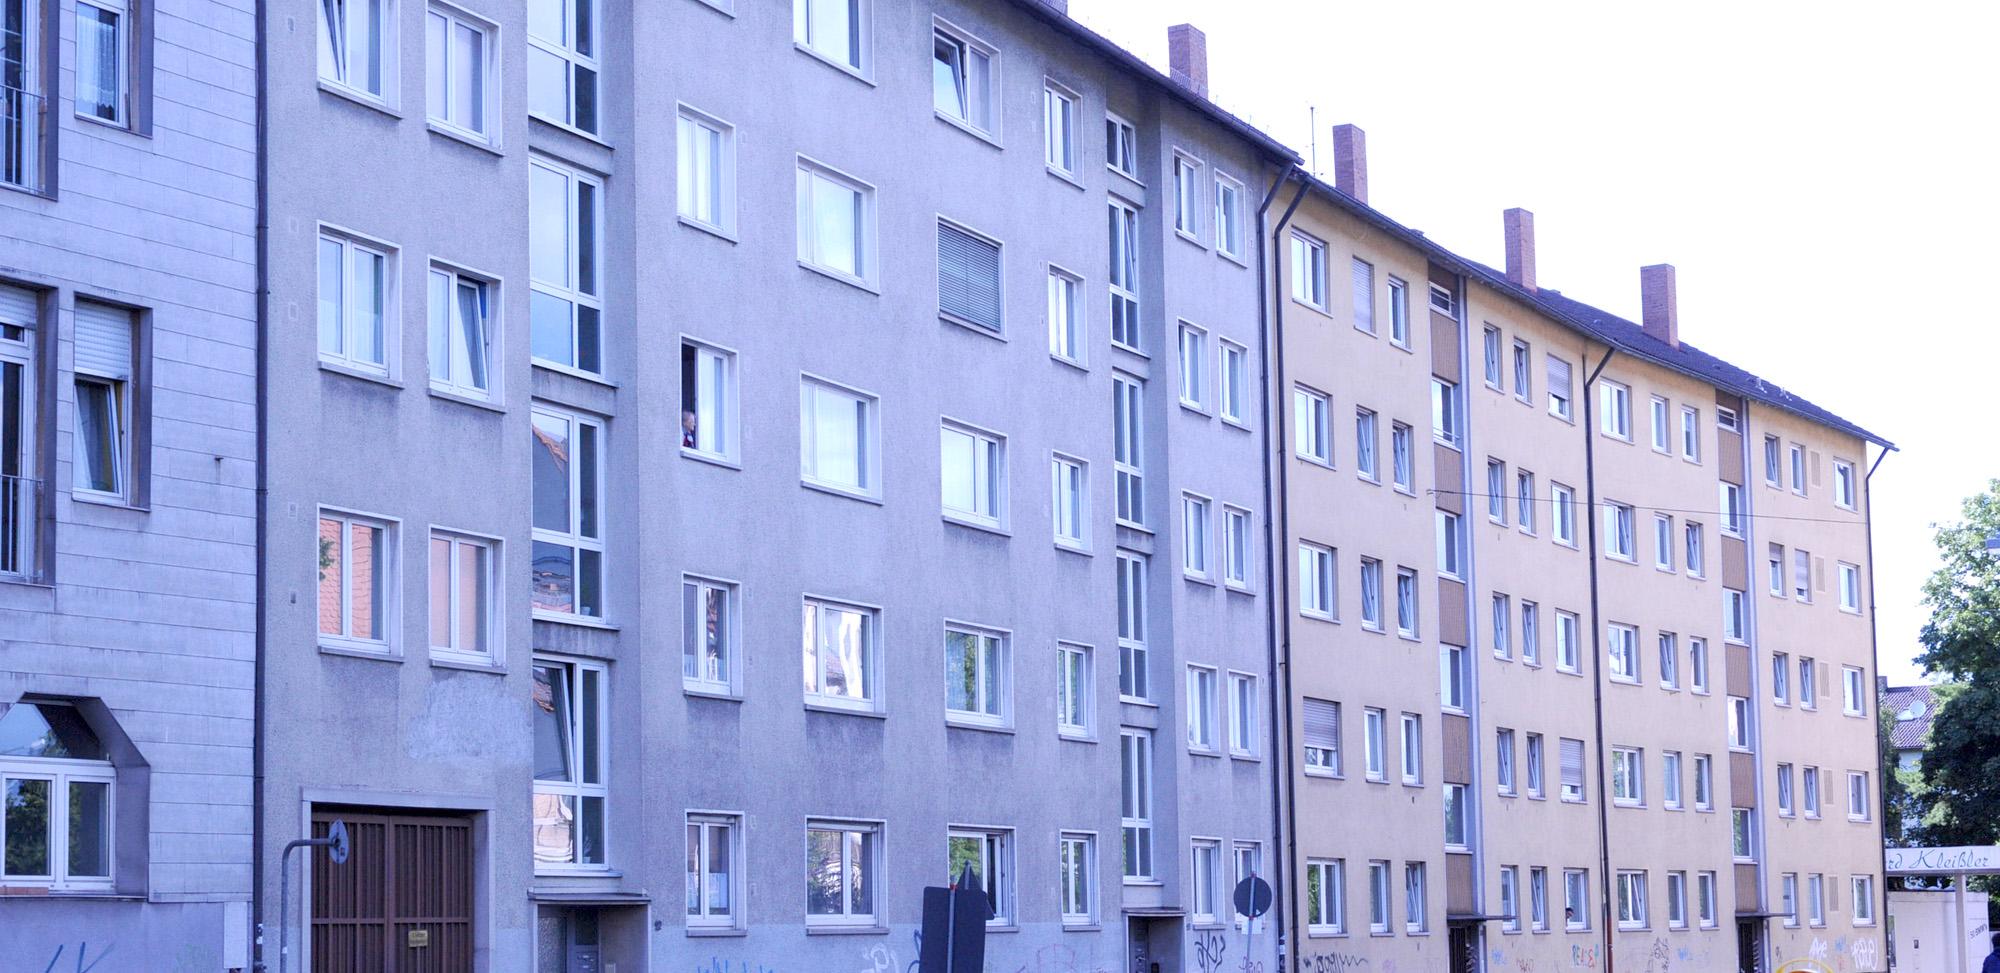 Bezahlbarer Wohnraum | Freiburg Lebenswert